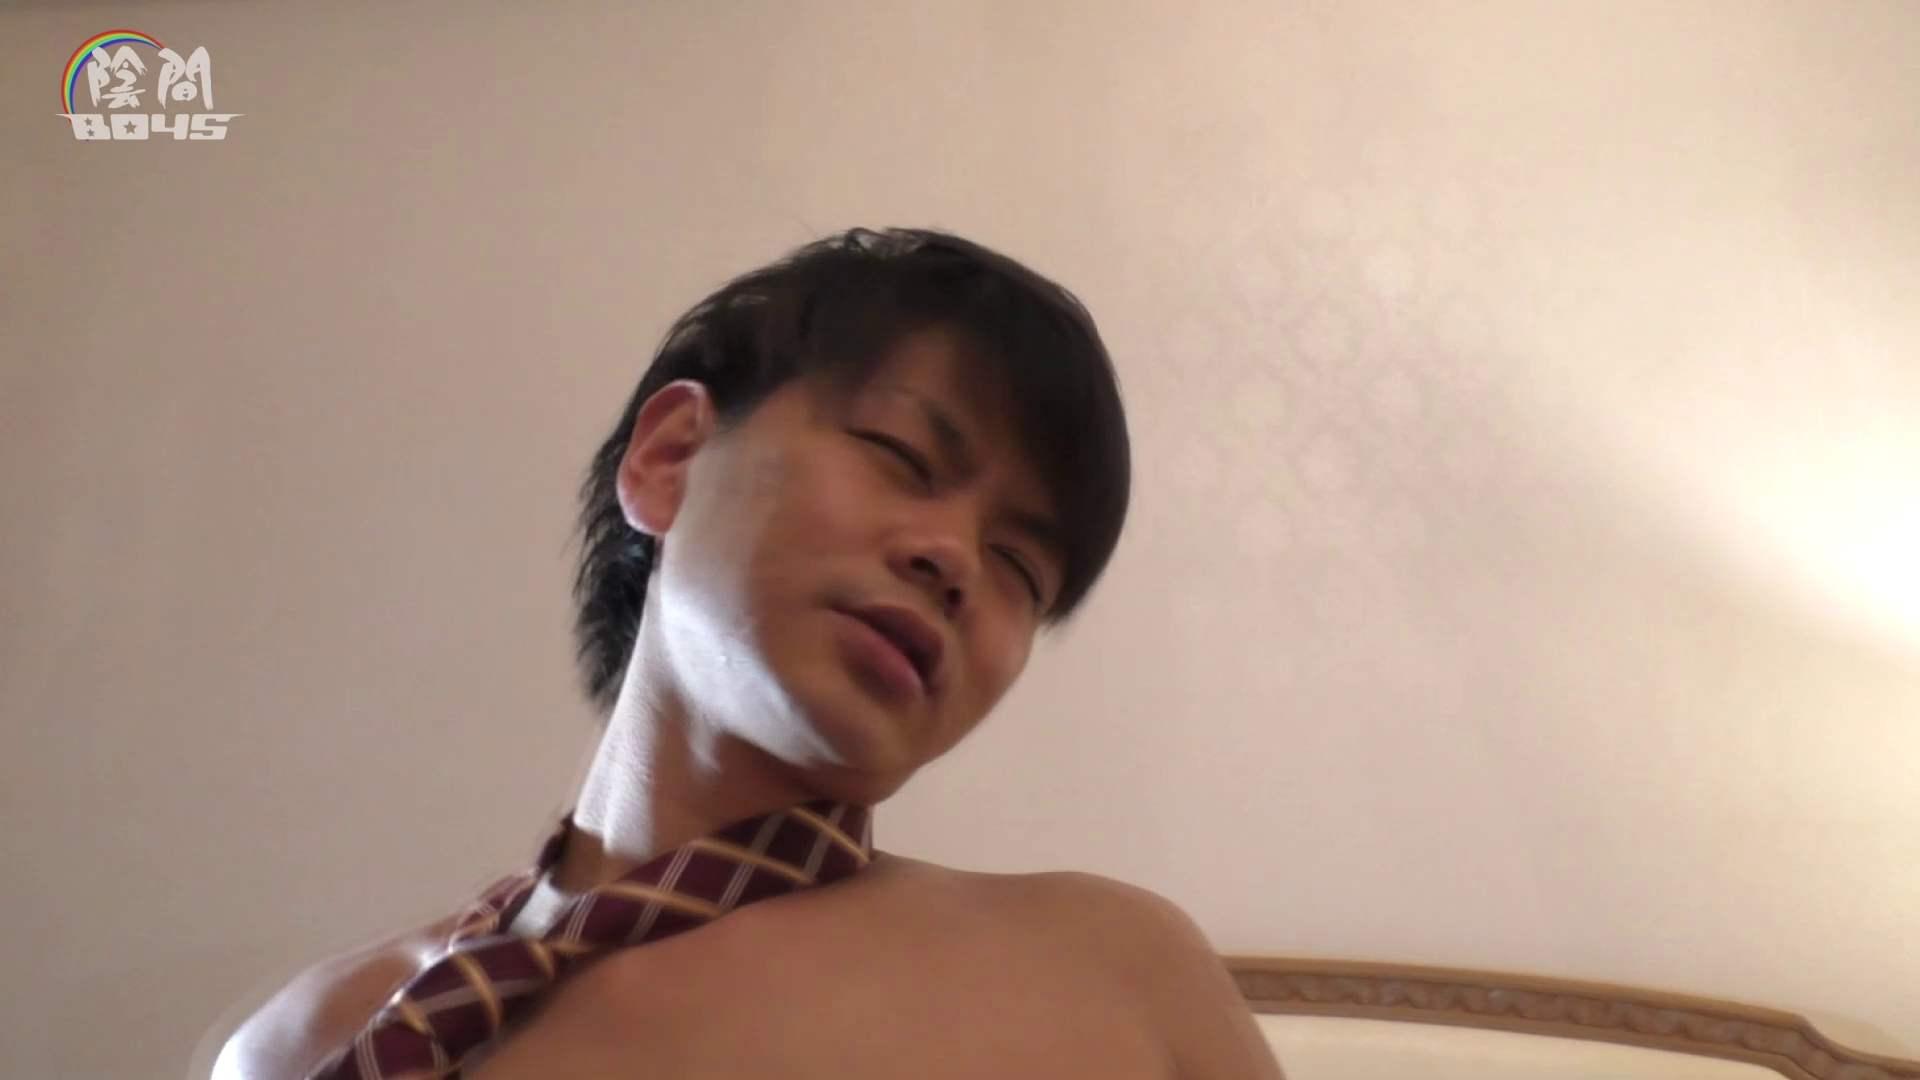 陰間BOYS~キャバクラの仕事はアナルから4 Vol.03 ザーメン  83pic 8